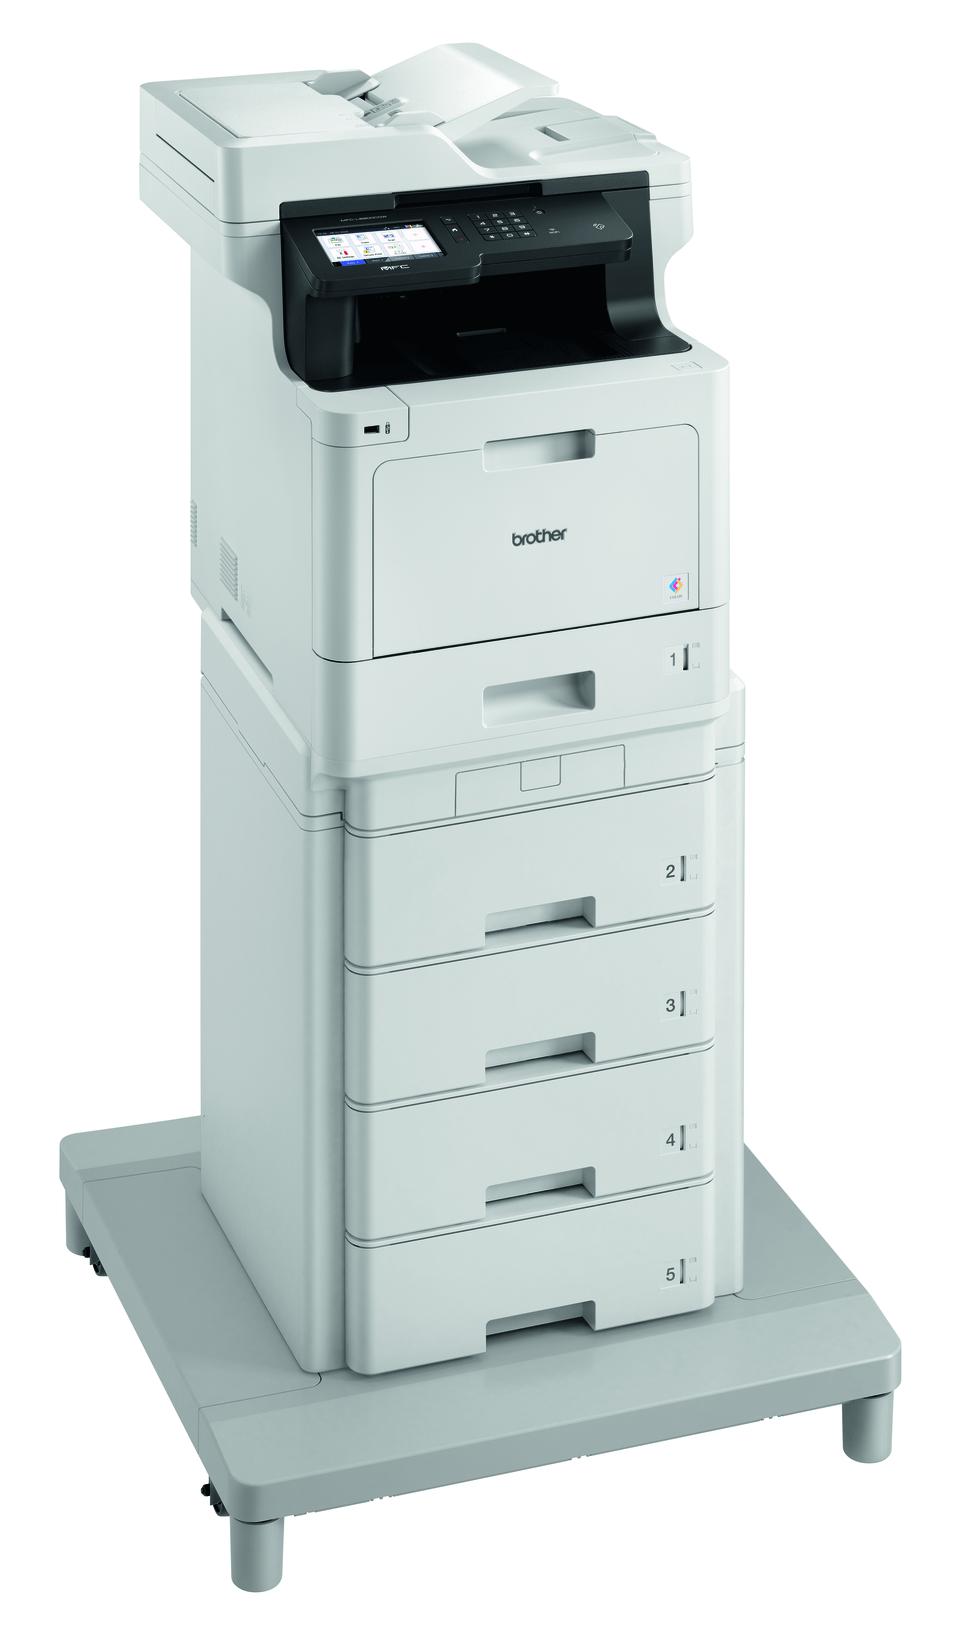 MFC-L8900CDWMT Profesionāla krāsu druka, abpusējas drukas funkcija, Wi-Fi, daudzfunkciju lāzerdrukas printeris + torņveida papīra padeve + torņveida papīra padeves savienotājs 3